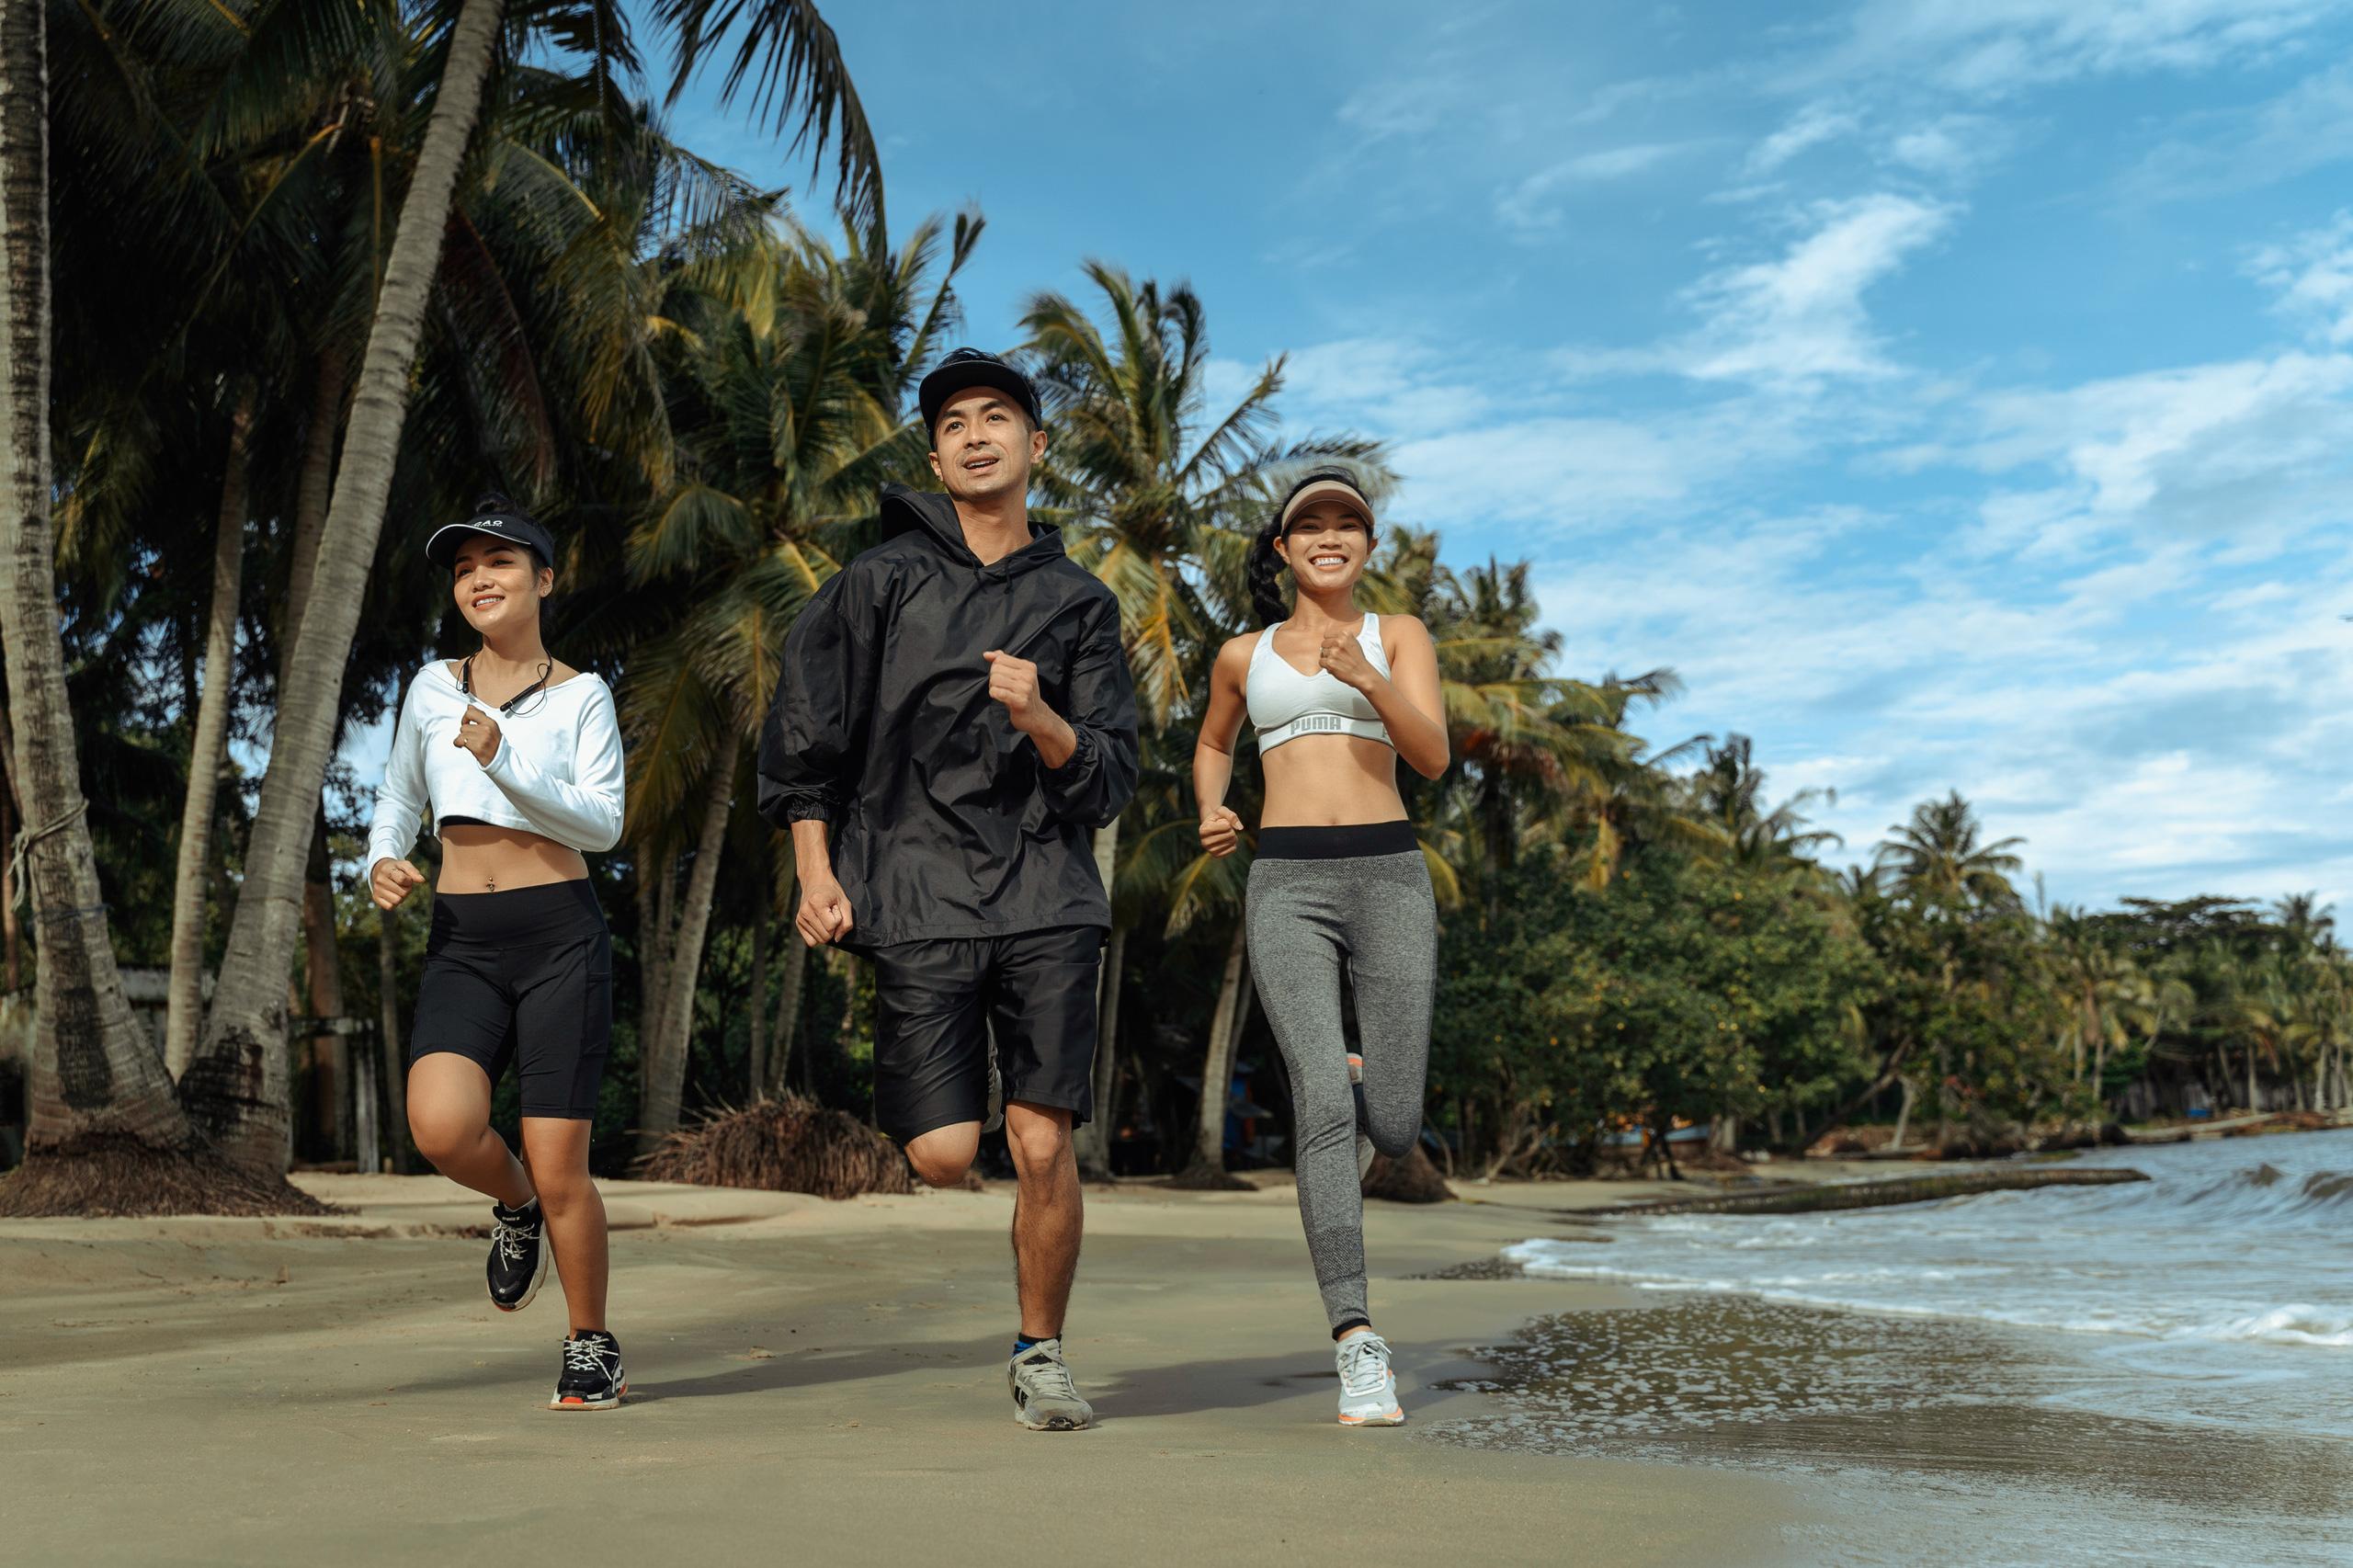 Những trải nghiệm ở Phú Quốc đỉnh nhất mà hội chị em chuẩn bị đi du lịch không thể bỏ qua, đặc biệt là giải chạy WOW Marathon  - Ảnh 12.